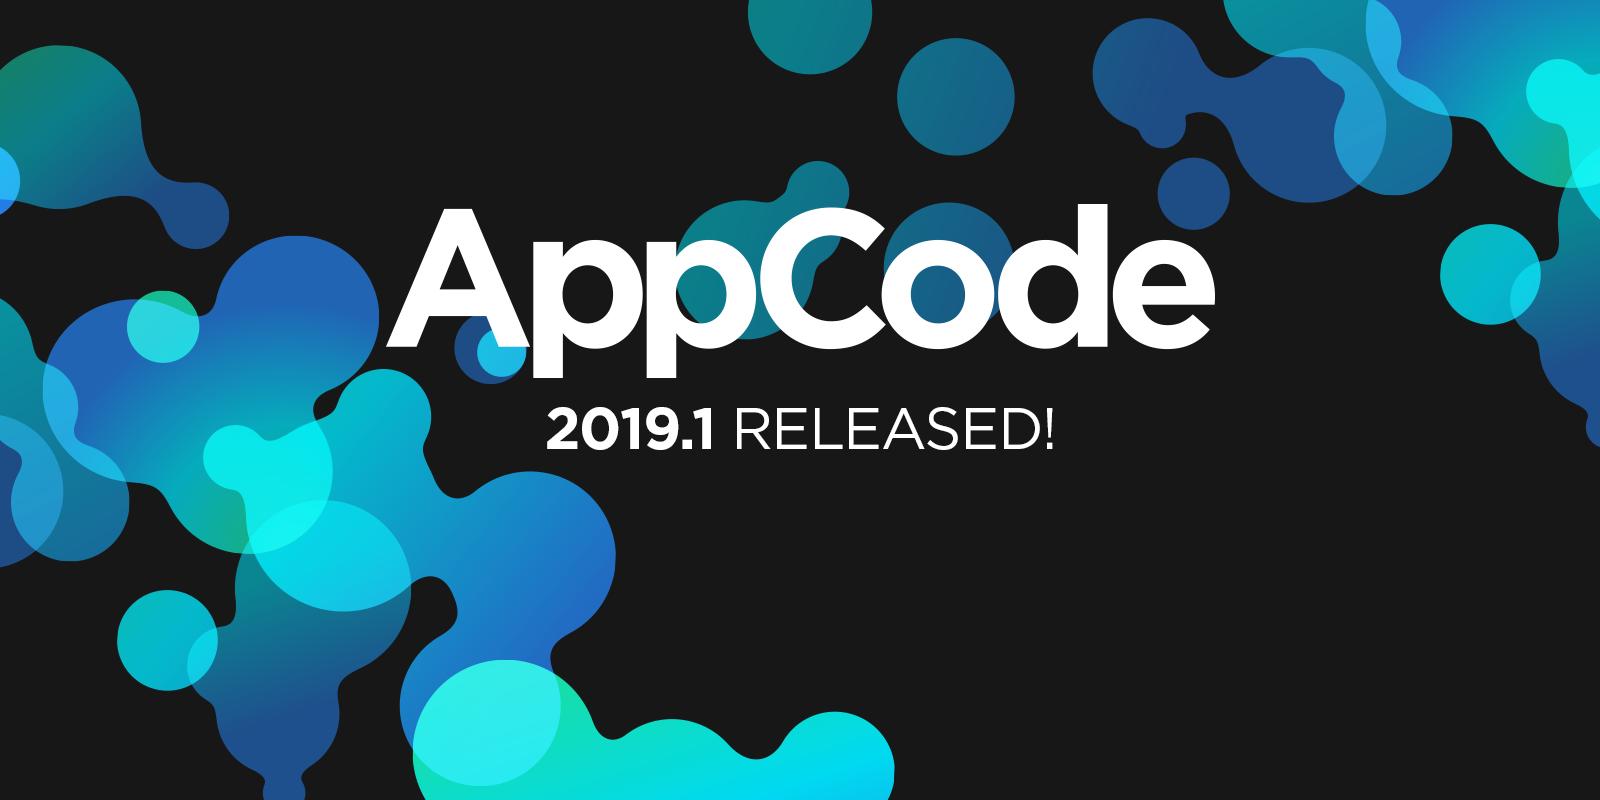 AppCode 2019.1: Swift 5, улучшенная работа подсветки, навигации и автодополнения, перемещение выражений и многое другое